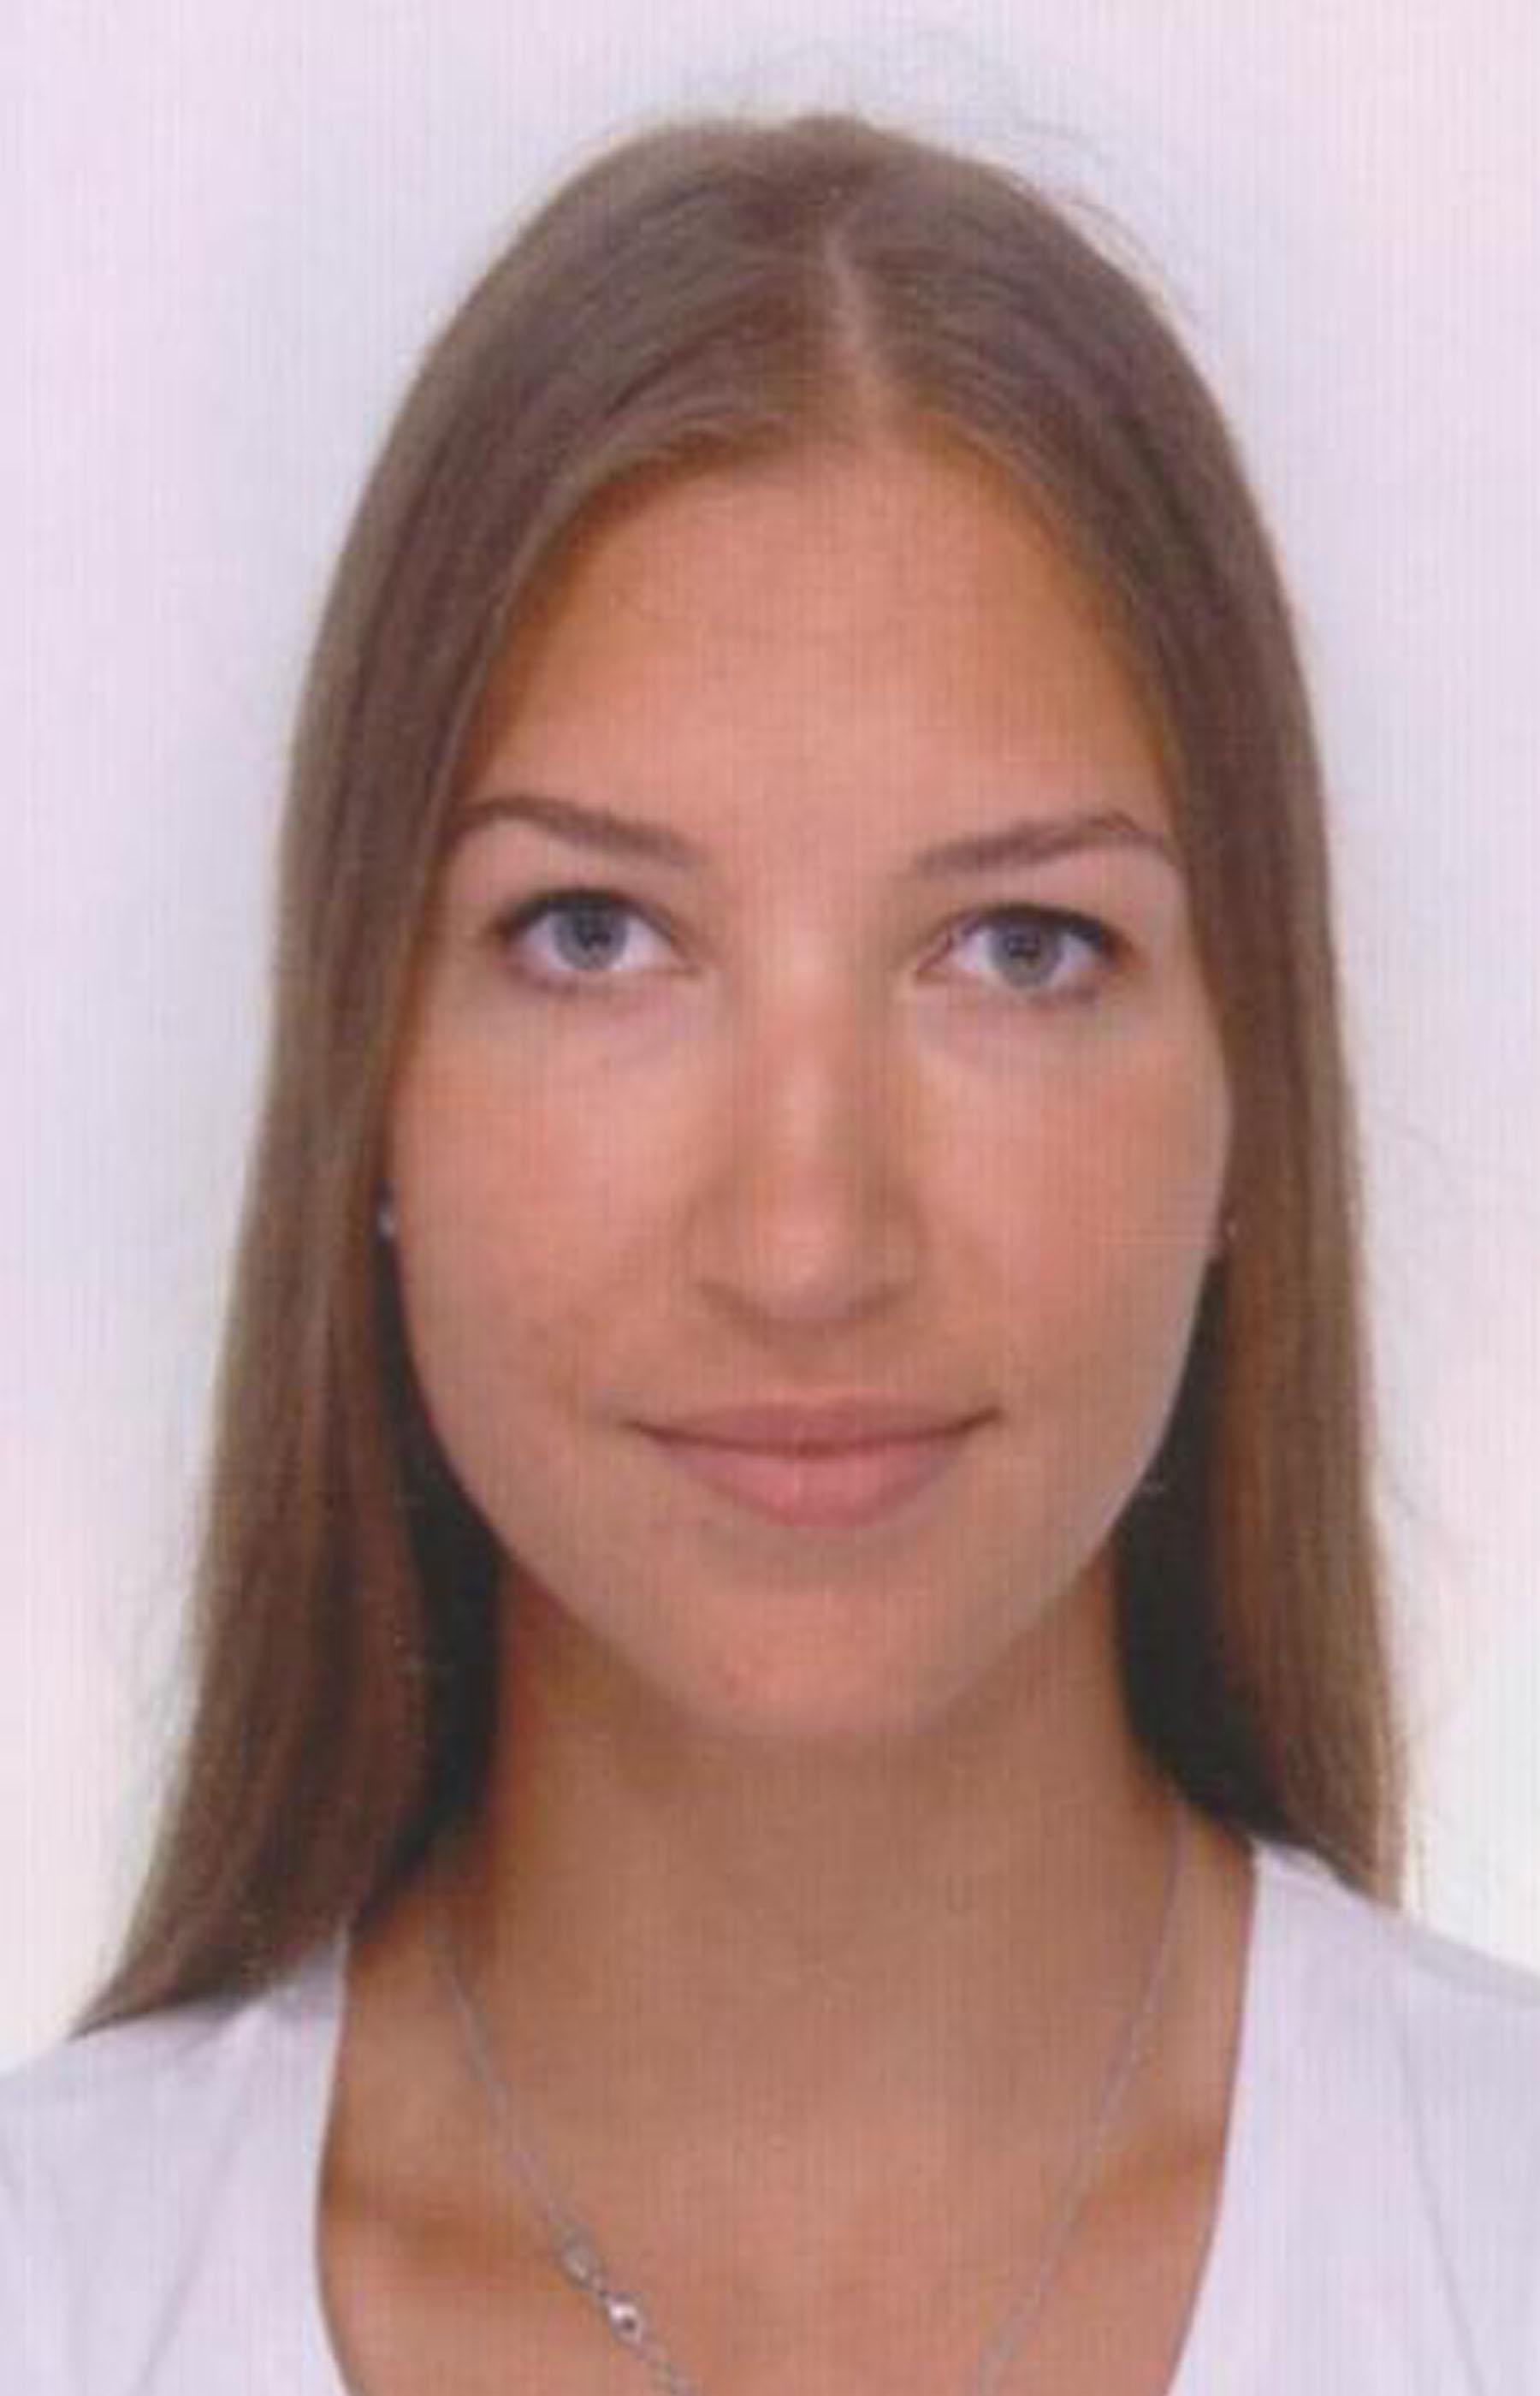 Meliha Ismailoglu